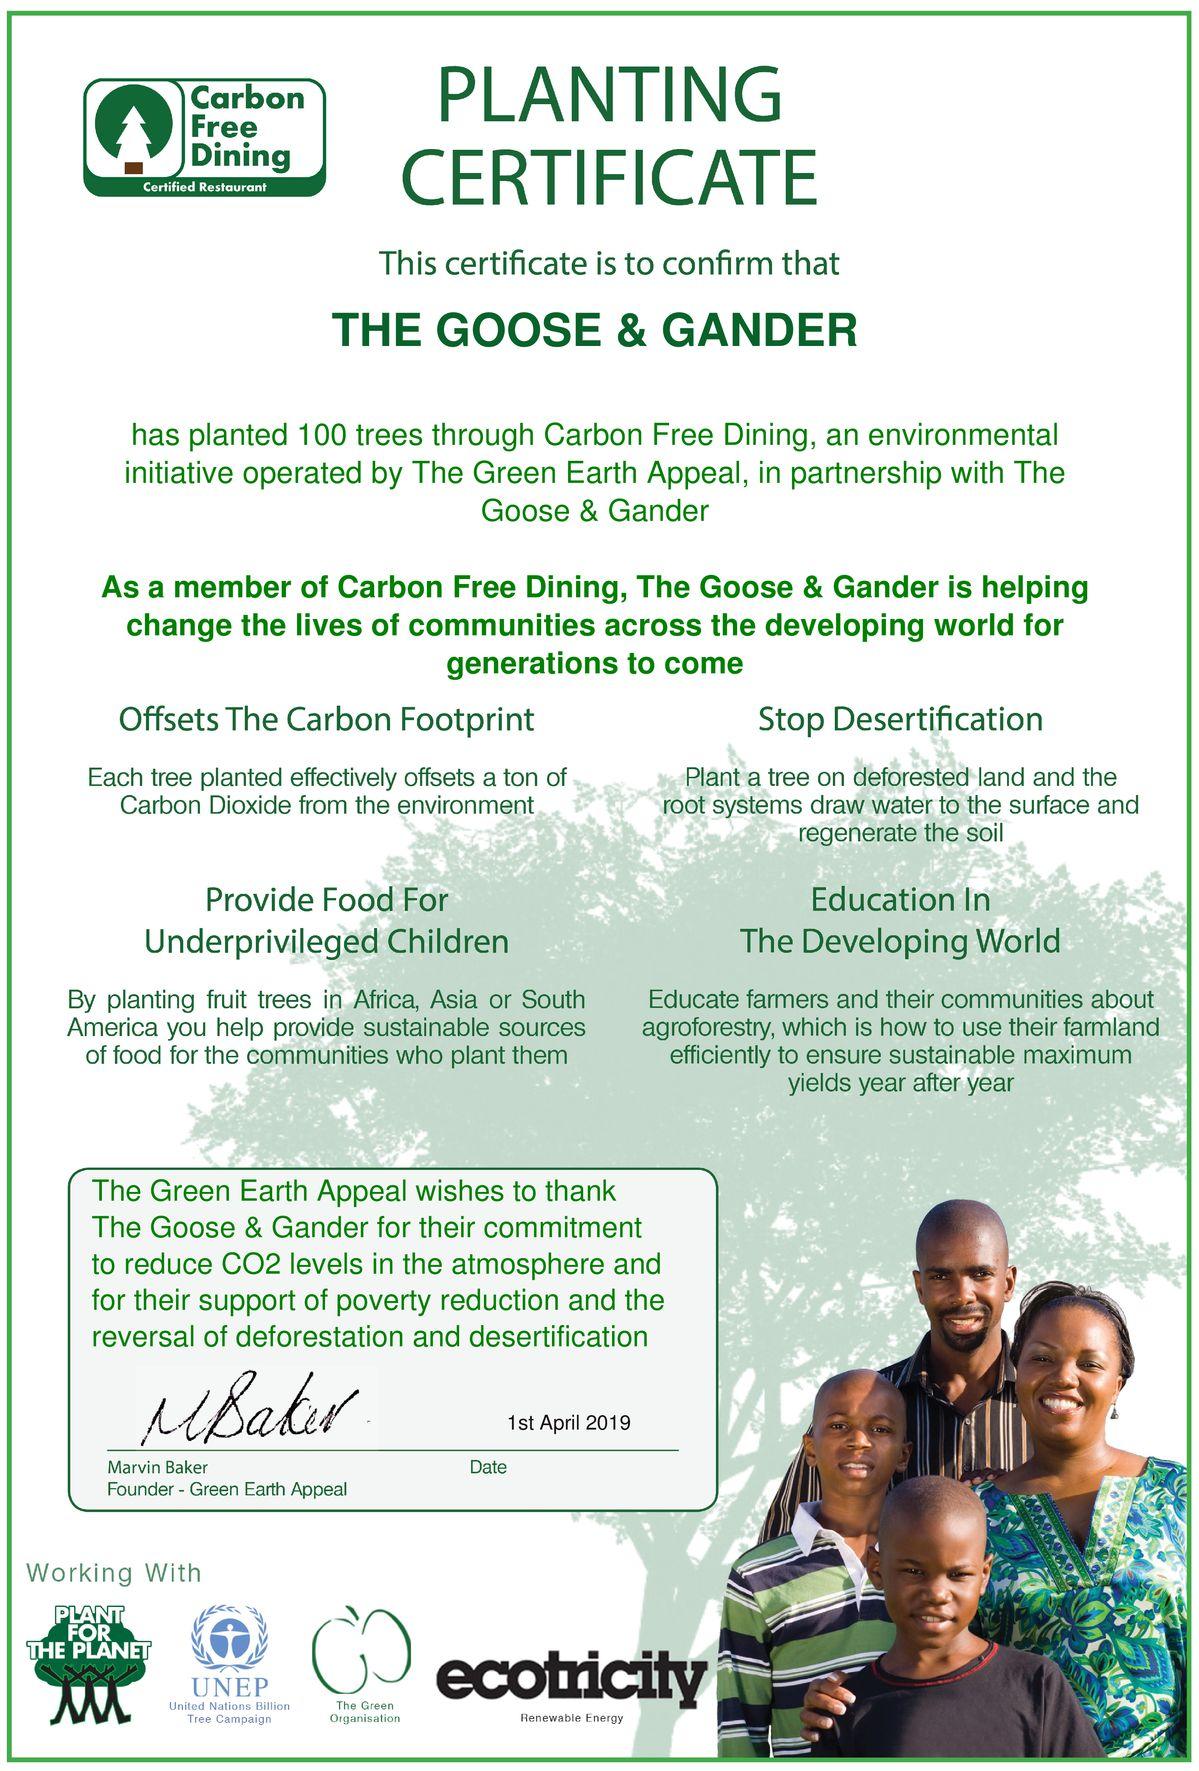 The Goose & Gander